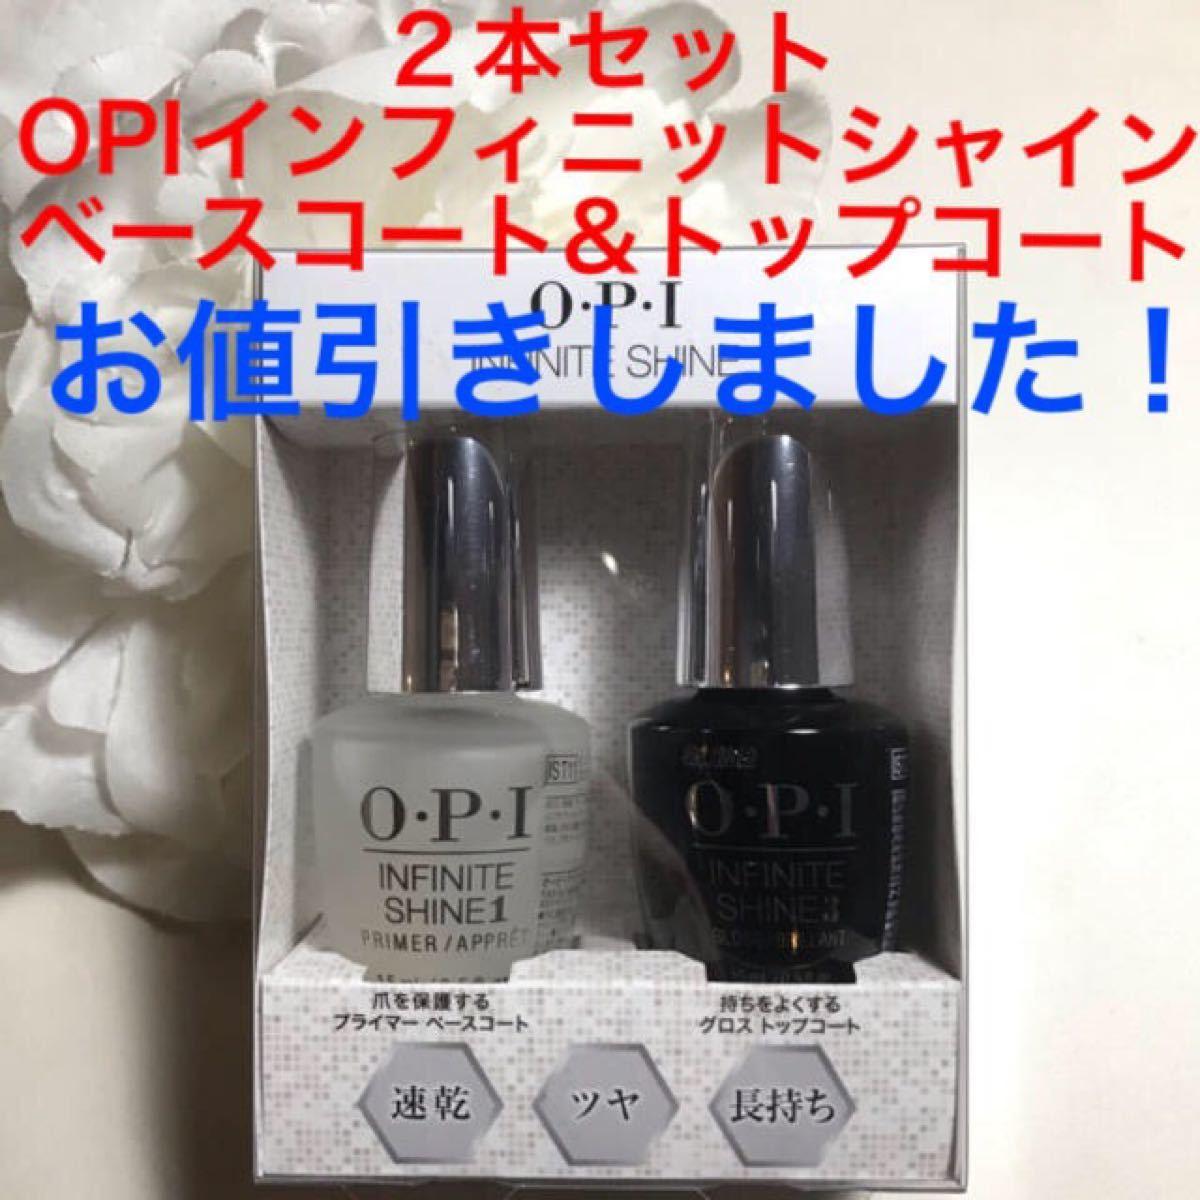 二本セット・OPIインフィニットシャイン・ベースコート&トップコート・新品未使用